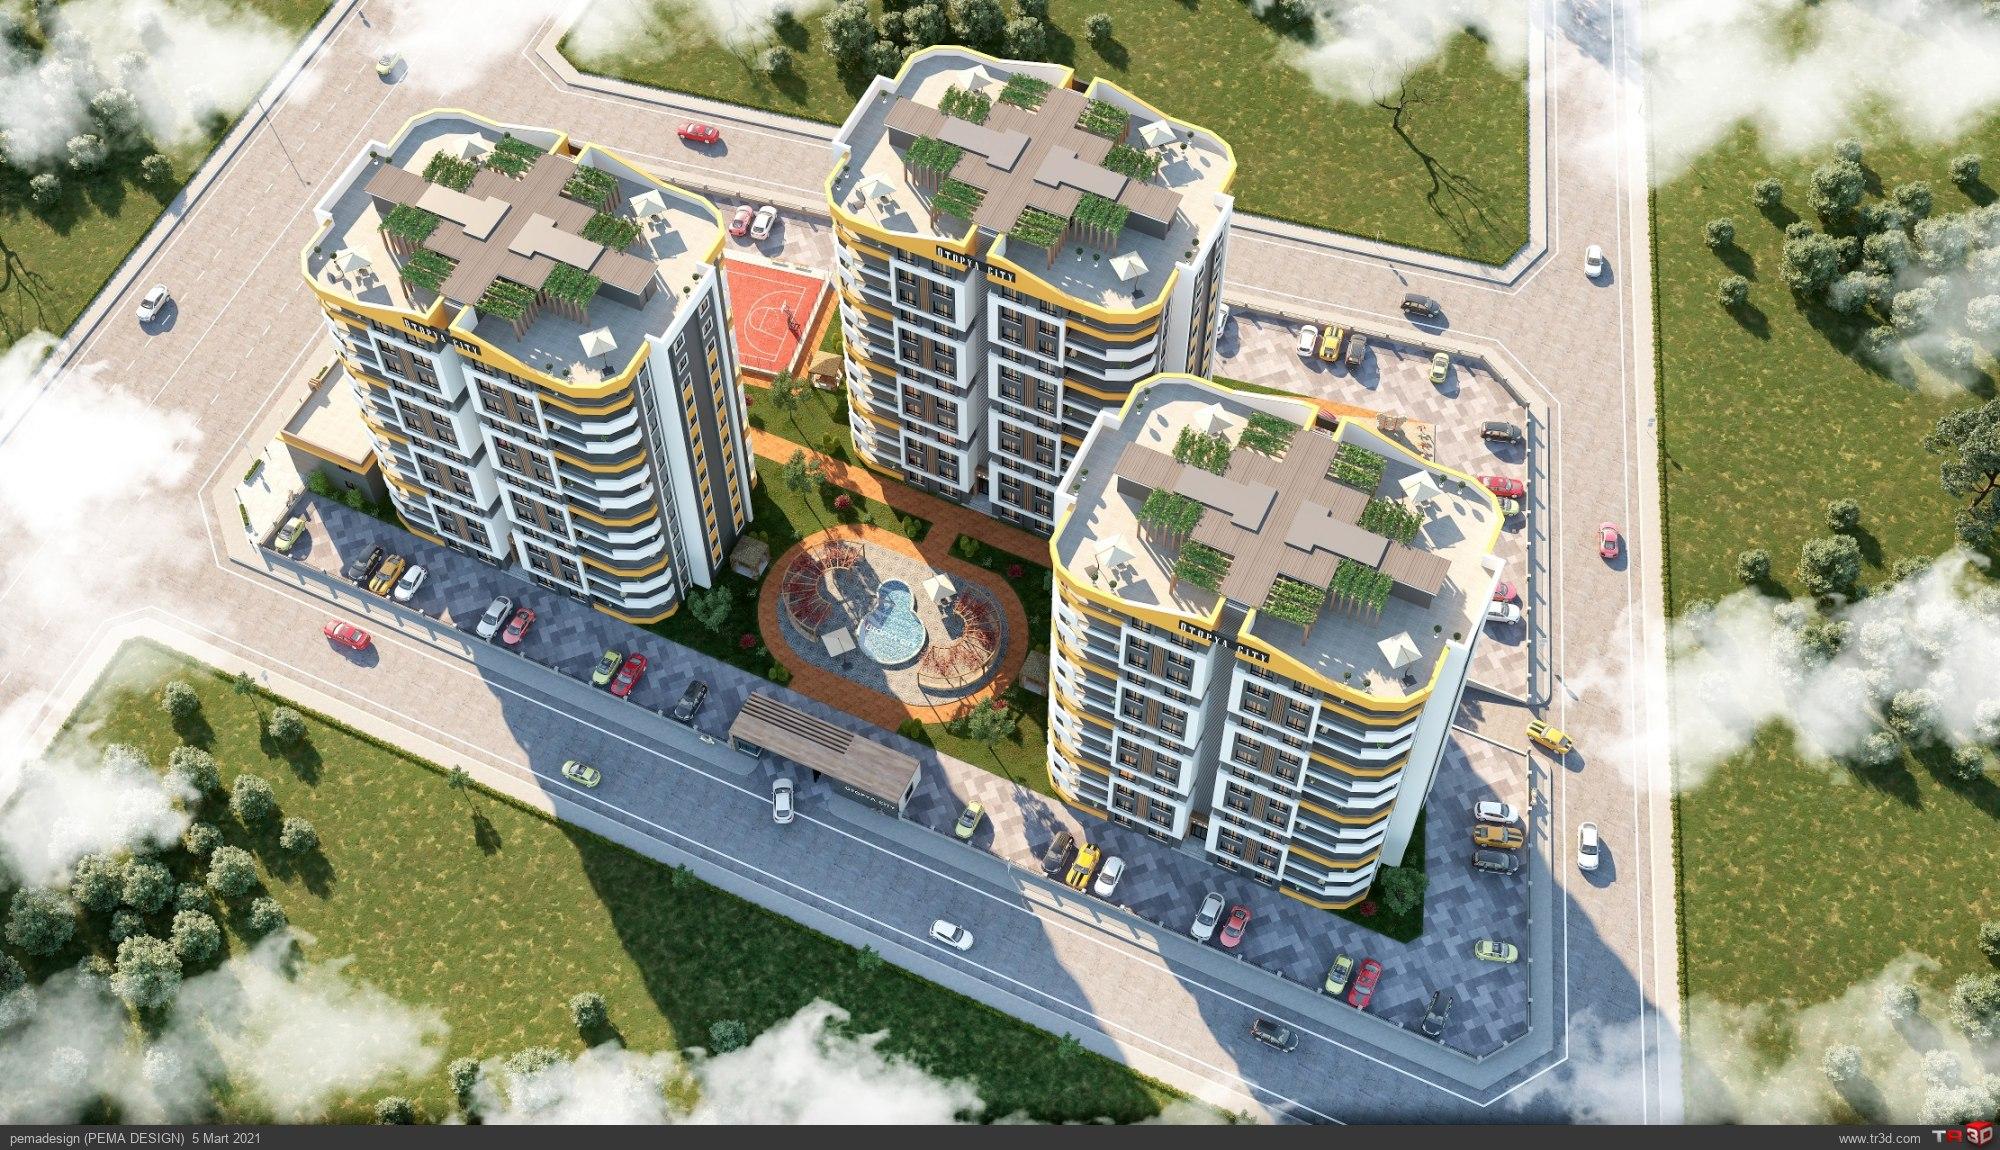 Ütopya City 3